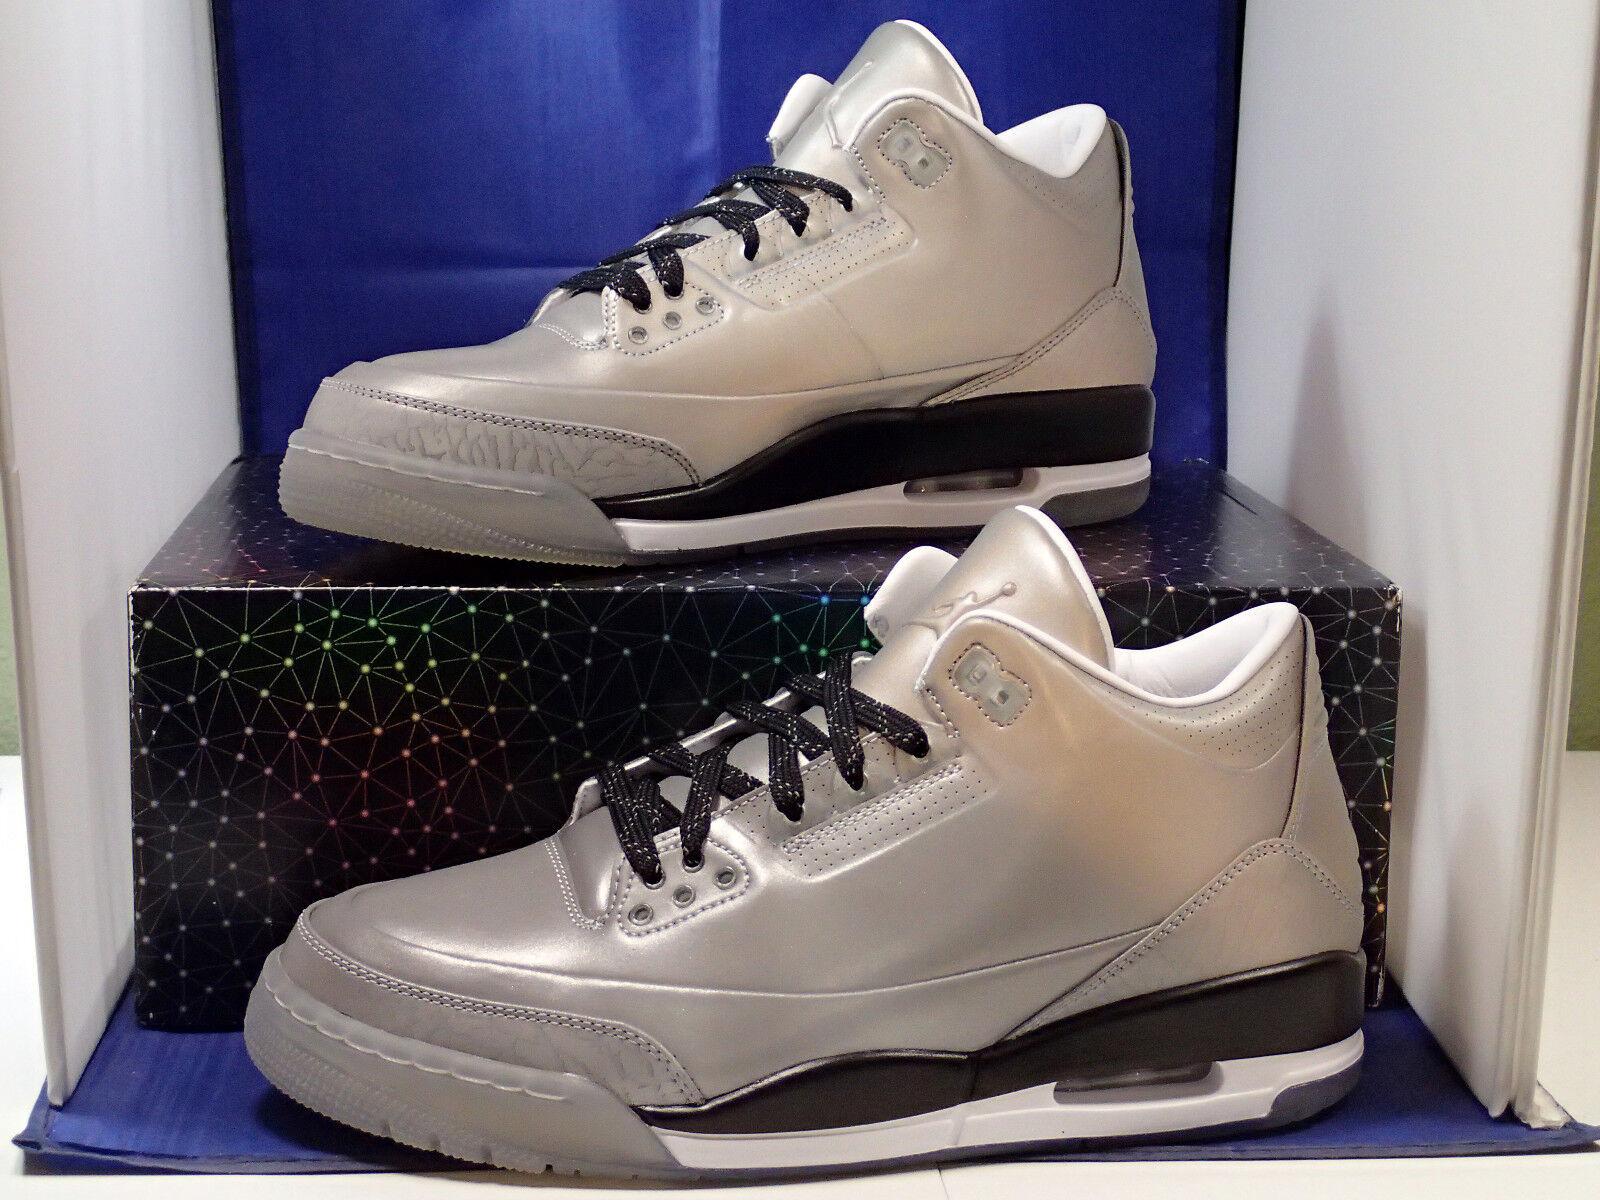 2014 Nike Air Jordan 5Lab3 Plata Reflejante Plata 5Lab3 3M Retro (631603-003) 31314f